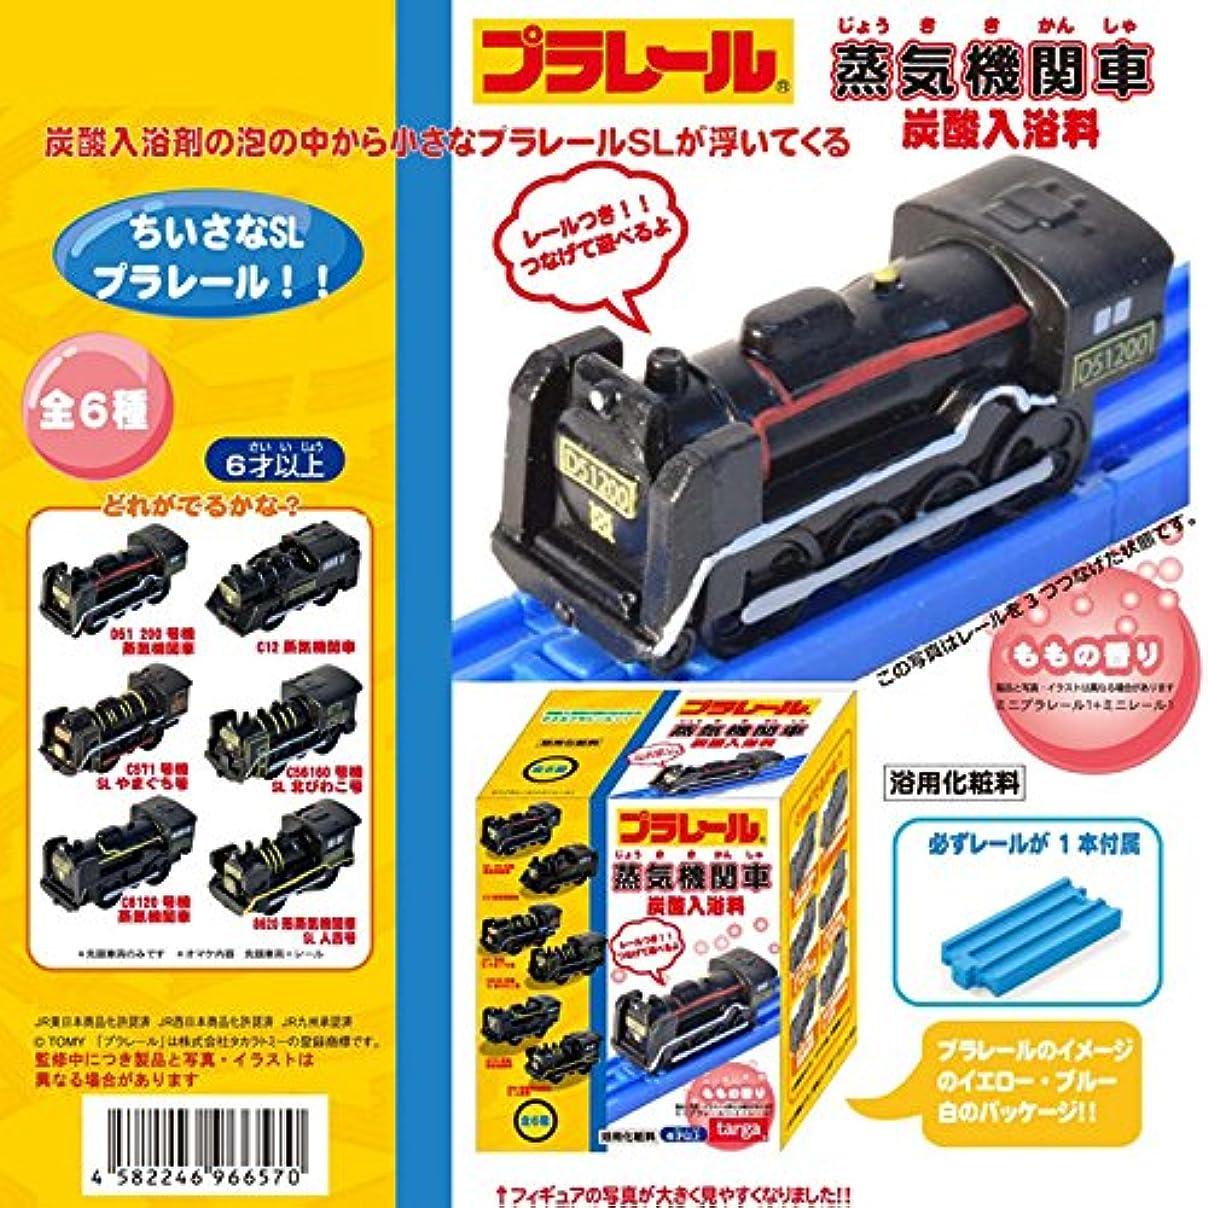 求人ムス何もないプラレール 蒸気機関車 炭酸入浴料 6個1セット ももの香り レールつき機関車 入浴剤